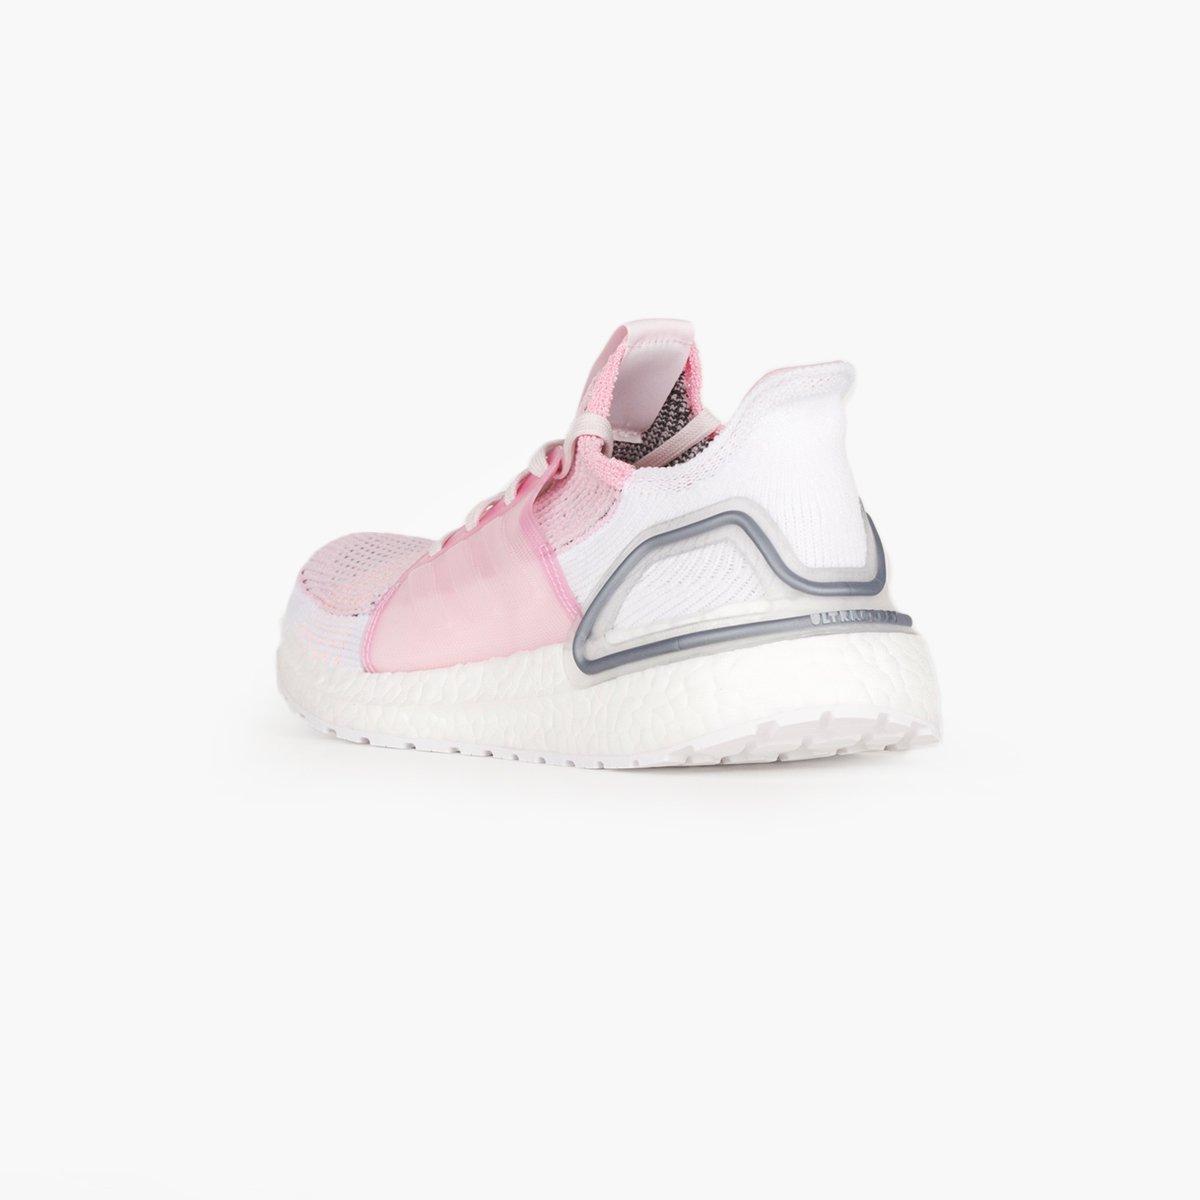 b0425d456bd60 Ultraboost 19 Lyst Adidas Pink Running Originals Women s adidas in xnawaCfI